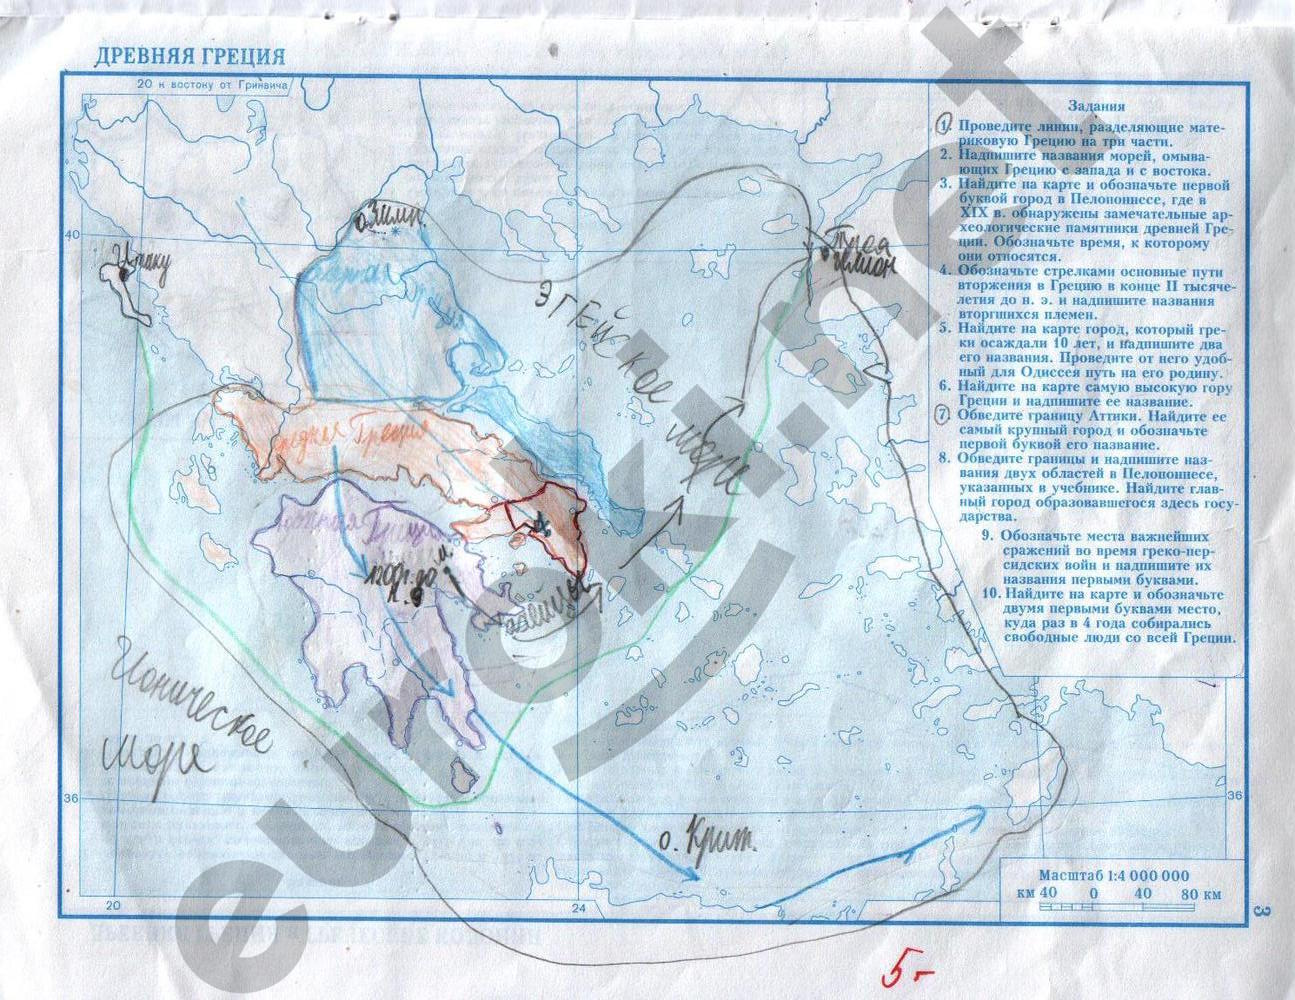 гдз 5 класс история атлас контурные карты